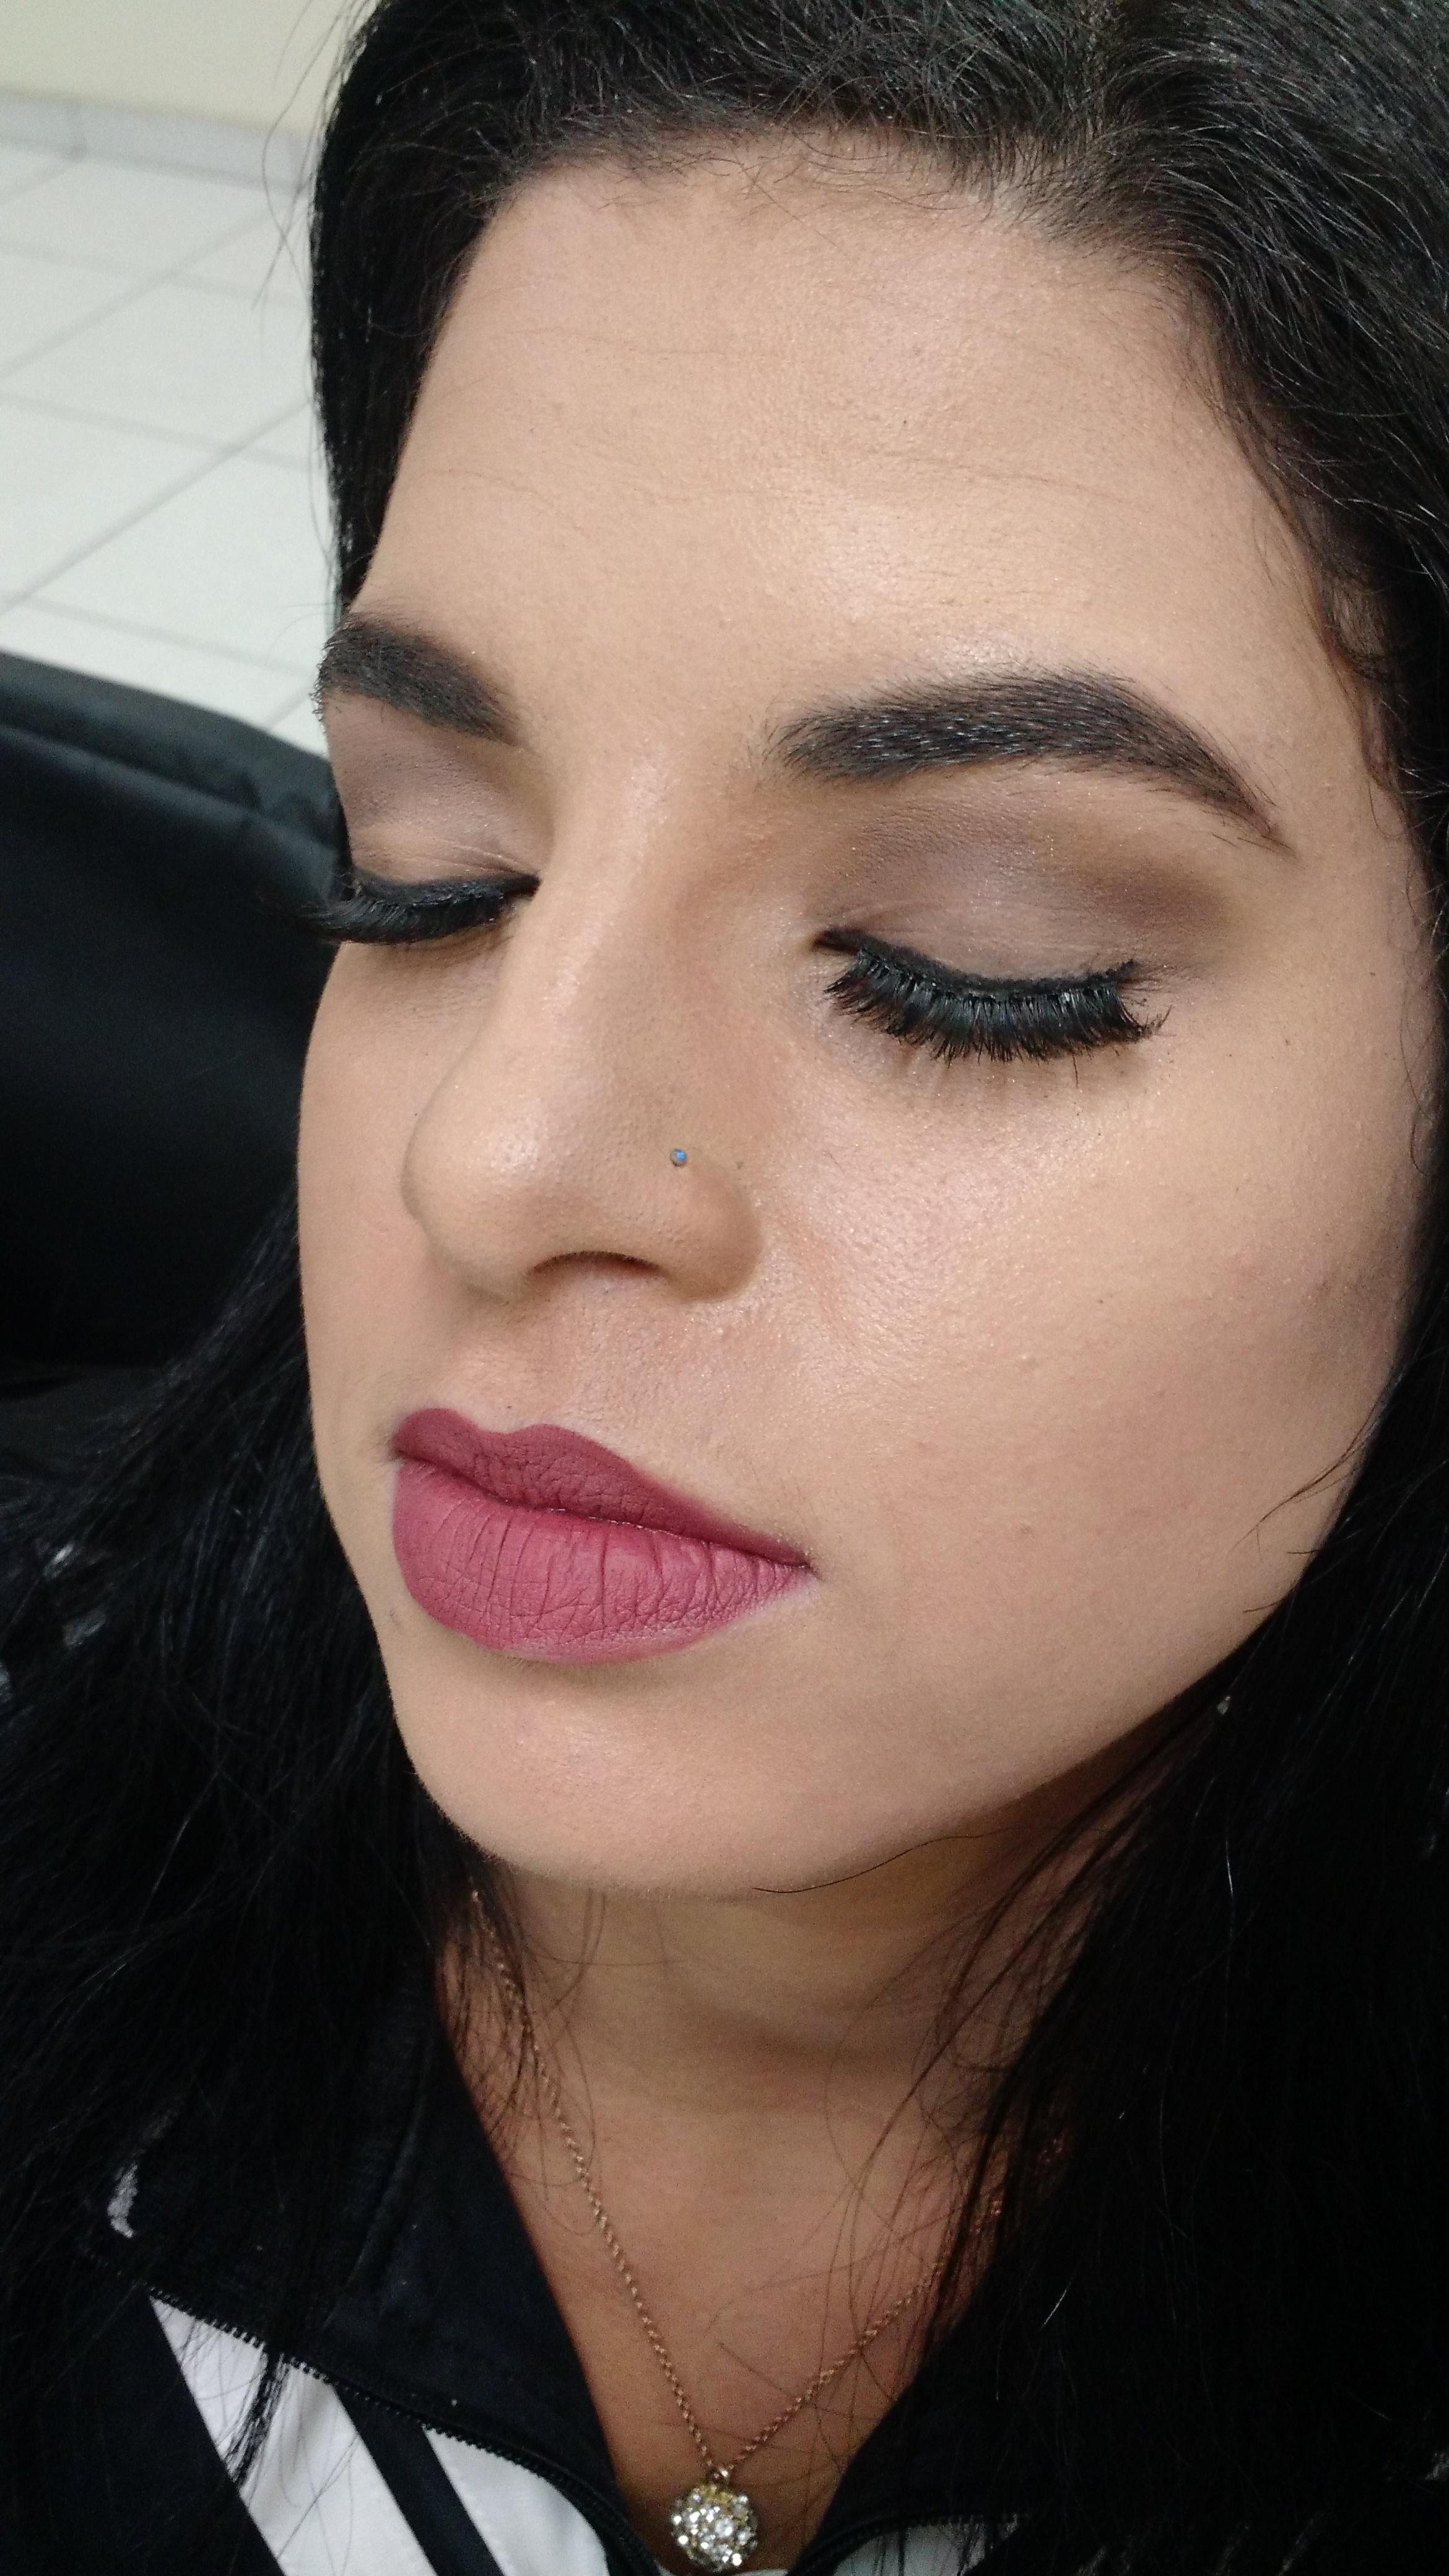 maquiador(a) designer de sobrancelhas manicure e pedicure micropigmentador(a)